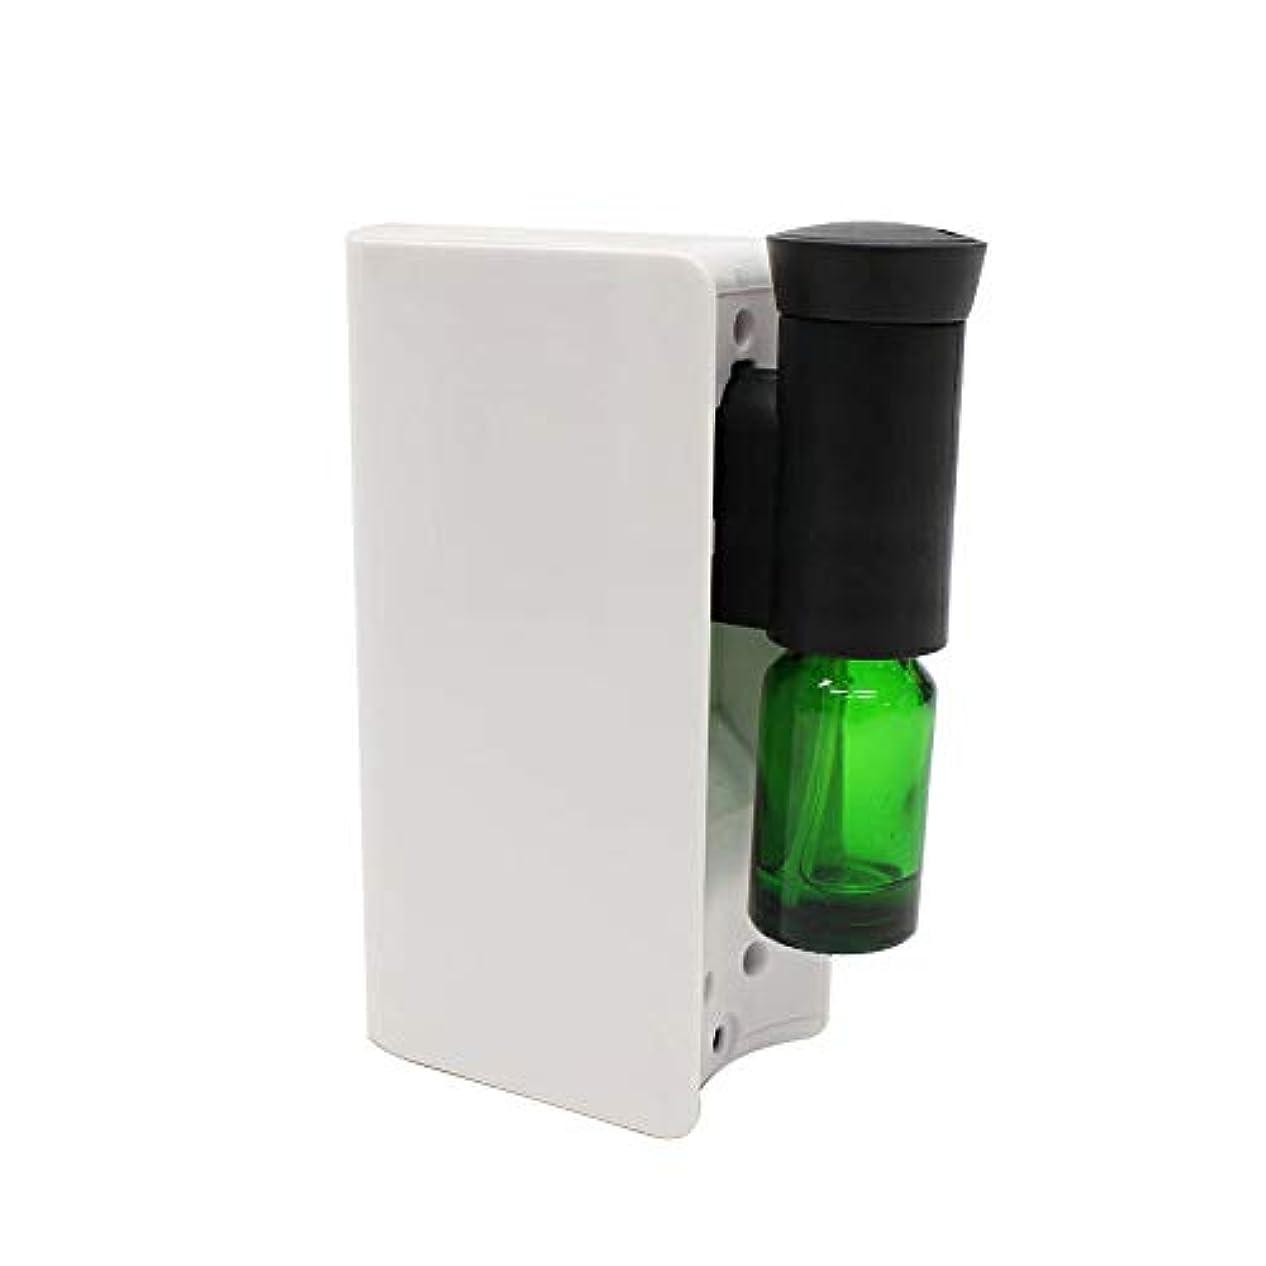 七面鳥いちゃつく消化器電池式アロマディフューザー 水を使わない ネブライザー式 アロマ ディフューザー アロマオイル対応 自動停止 ECOモード搭載 コンパクト 香り 癒し シンプル ホワイト